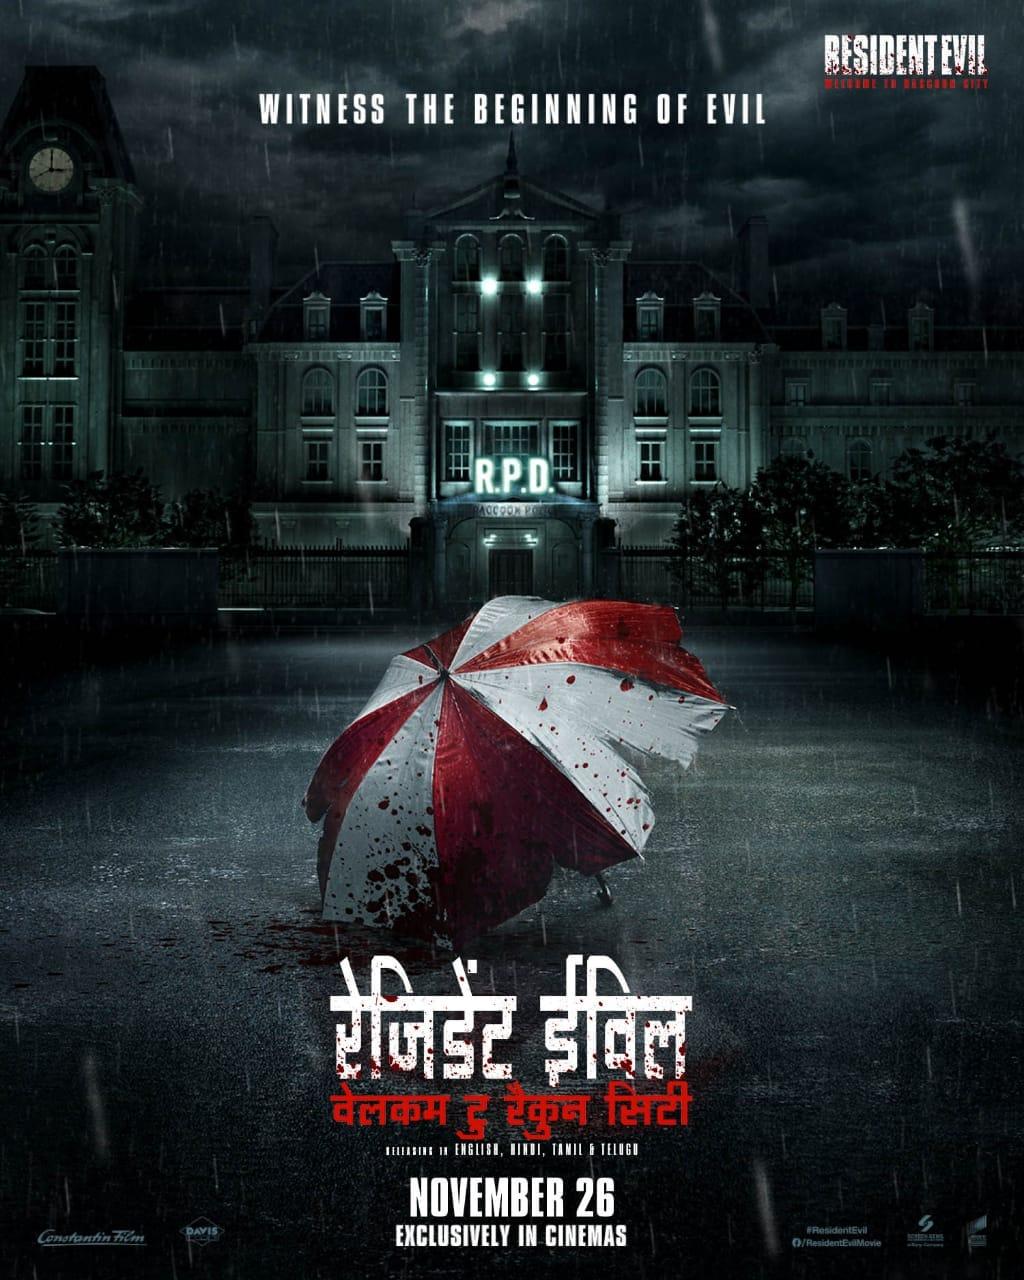 निवासी बुराई एक प्रकार का जानवर शहर पोस्टर हिंदी निवासी बुराई रैकून शहर में आपका स्वागत है